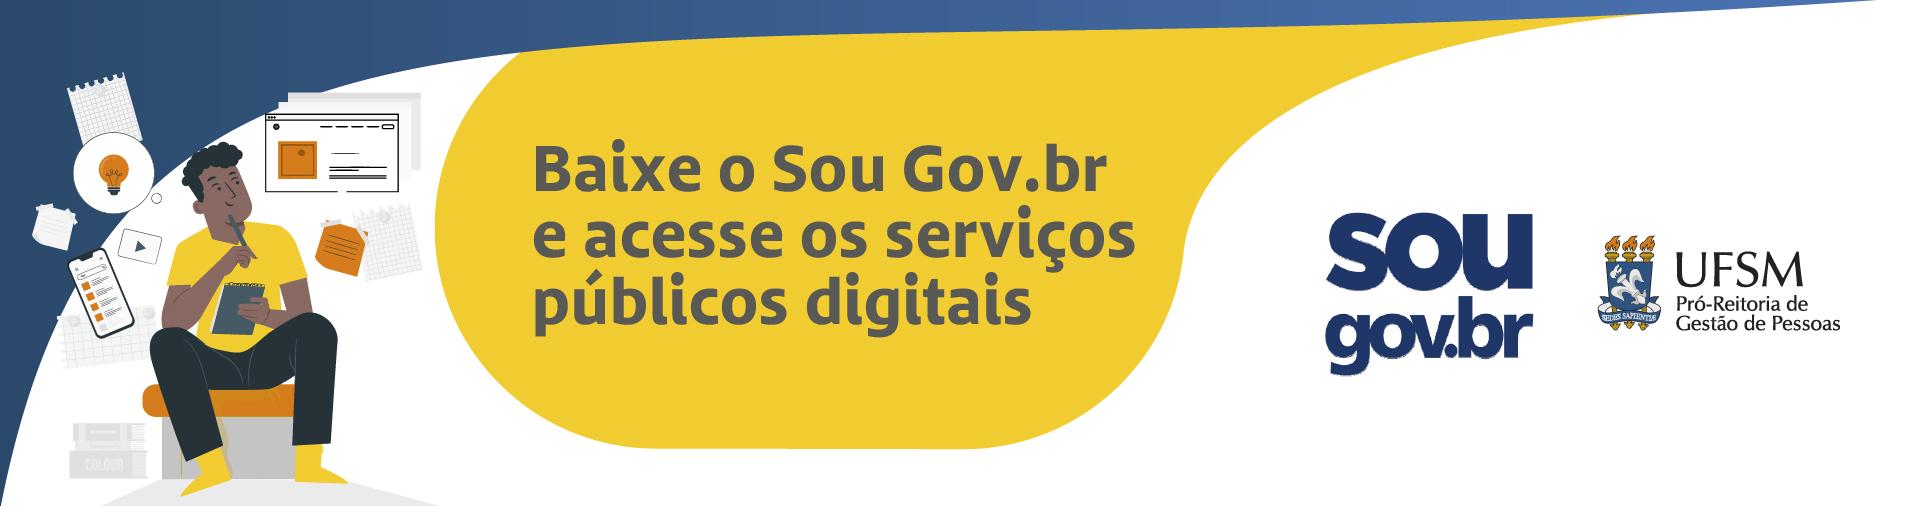 Banner branco e amarelo com ilustração de pessoa e aplicativos e texto: Baixe o SouGov.br e acesse os serviços públicos digitais